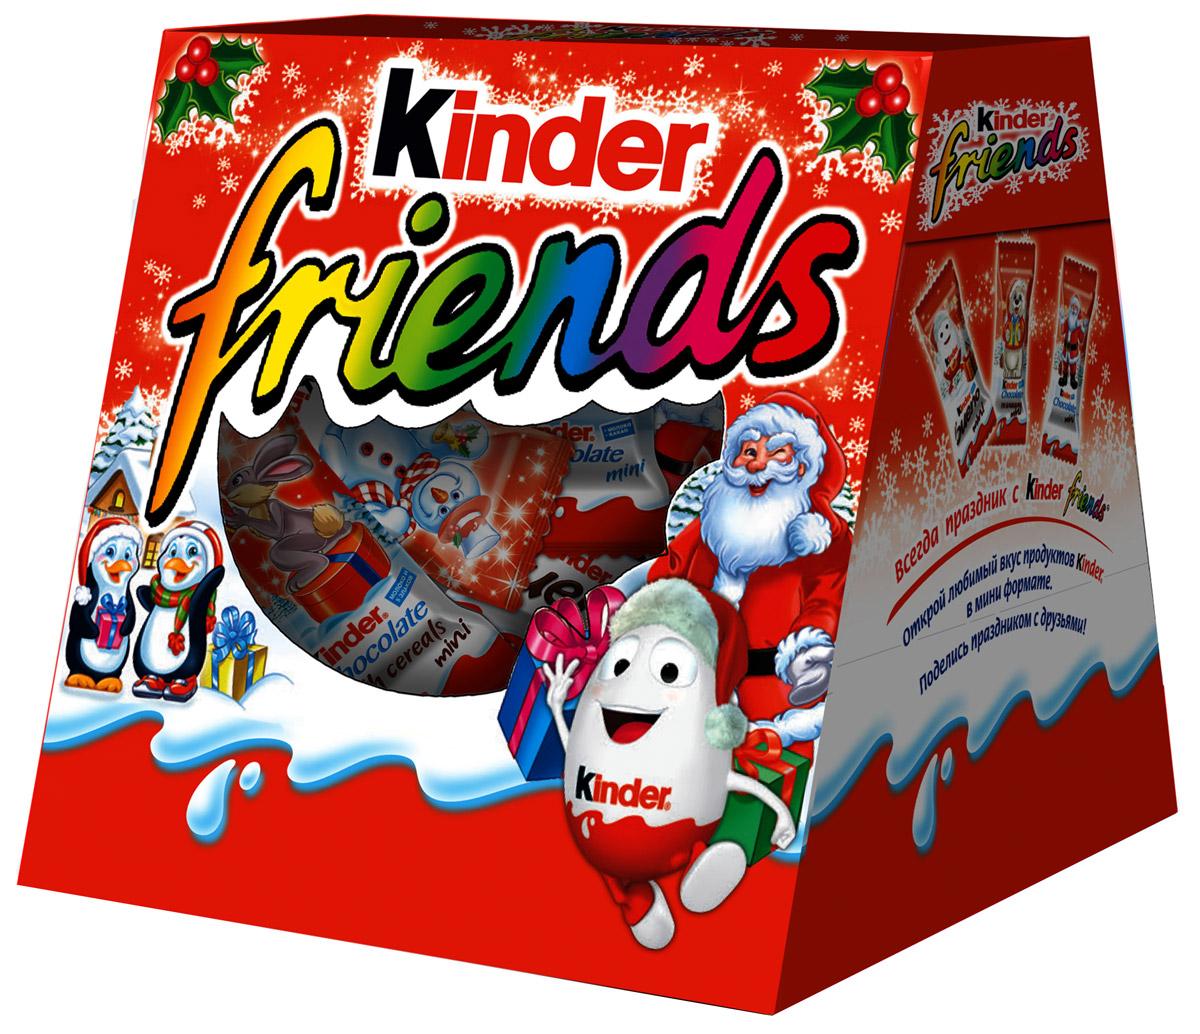 Kinder Friends набор: Kinder Chocolate со злаками, Kinder Chocolate mini, Kinder Bueno mini, Kinder Choco-Bons, 152 г77123838Встречайте Новый Год вместе с Kinder! В этом году Kinder приготовил для Вас множество новогодних подарков!